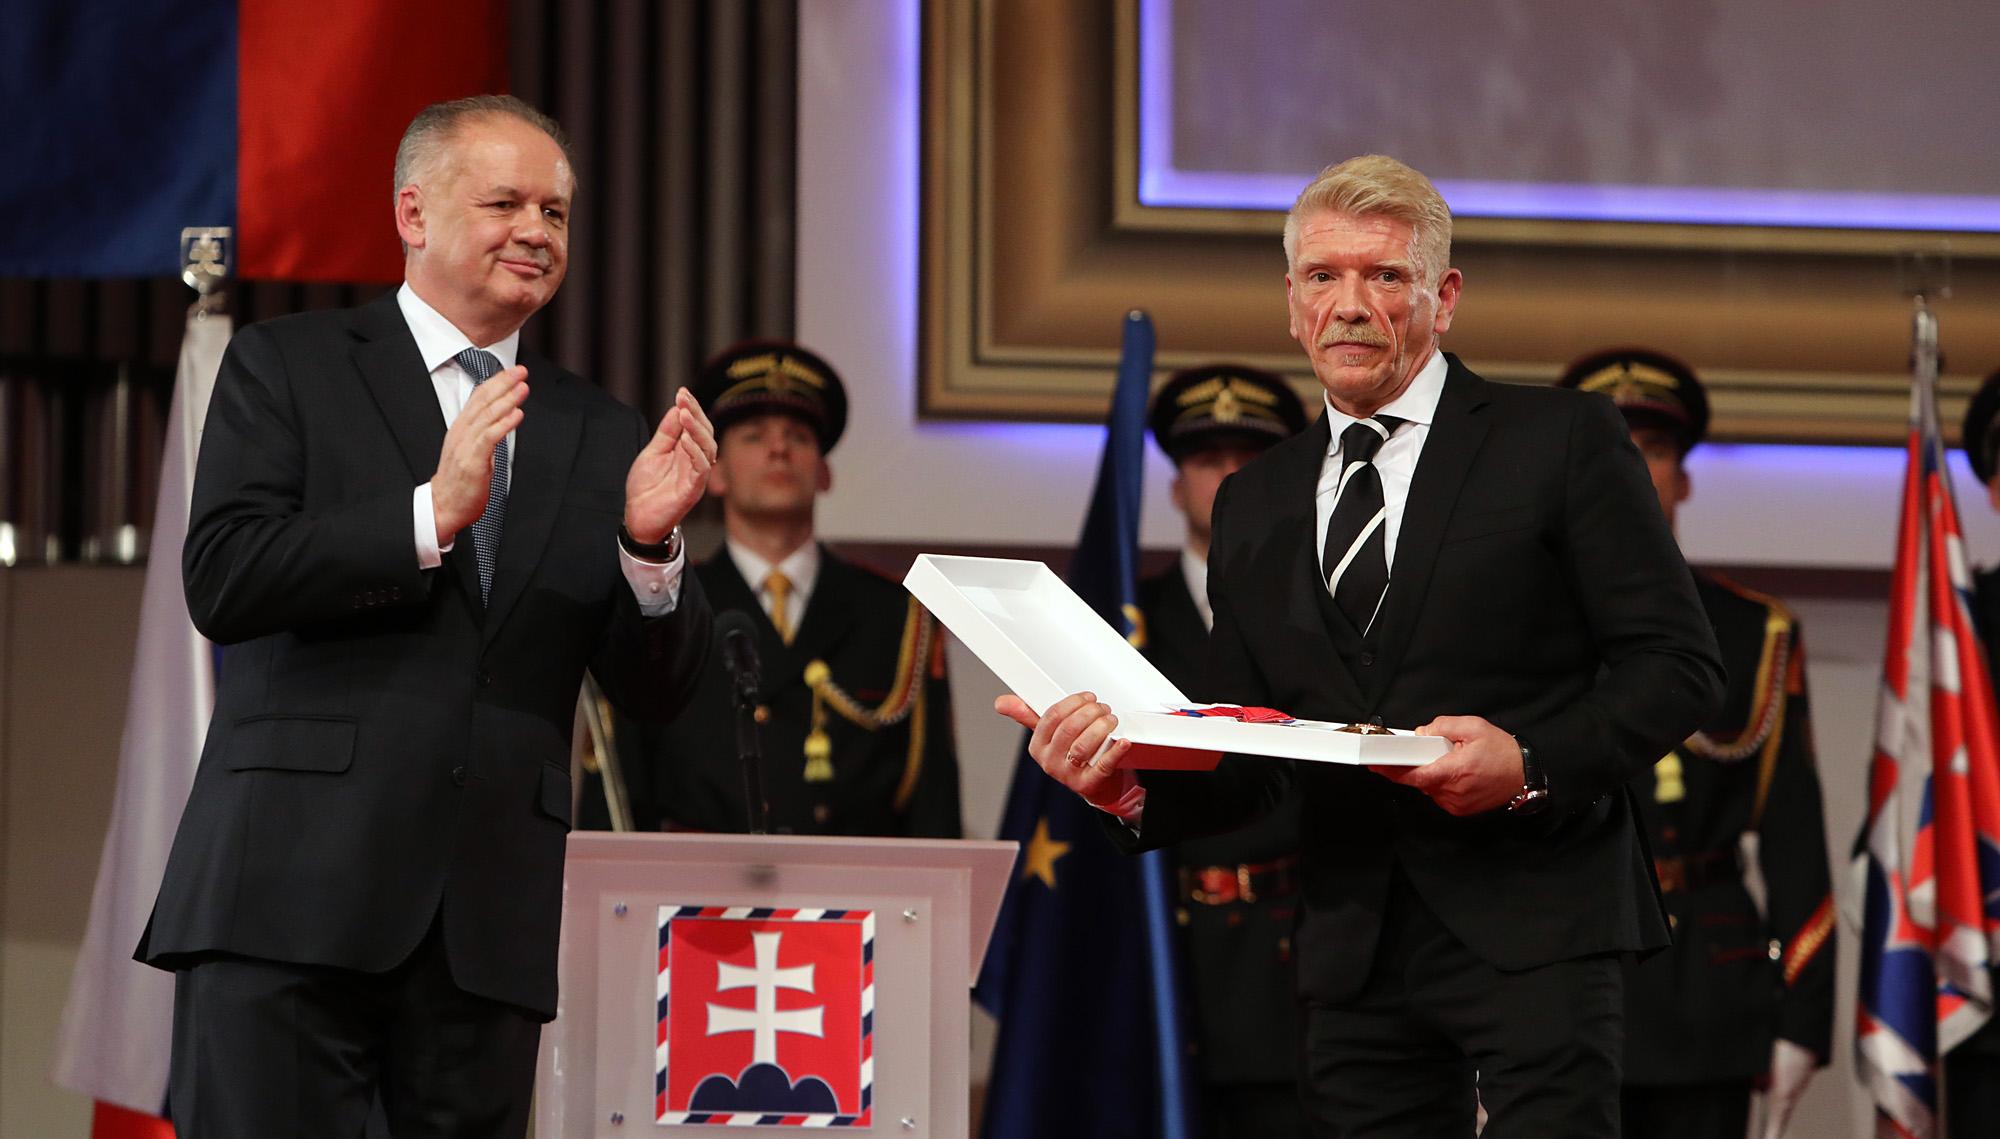 Patrón FFi, Richard Stanke, získal štátne vyznamenanie